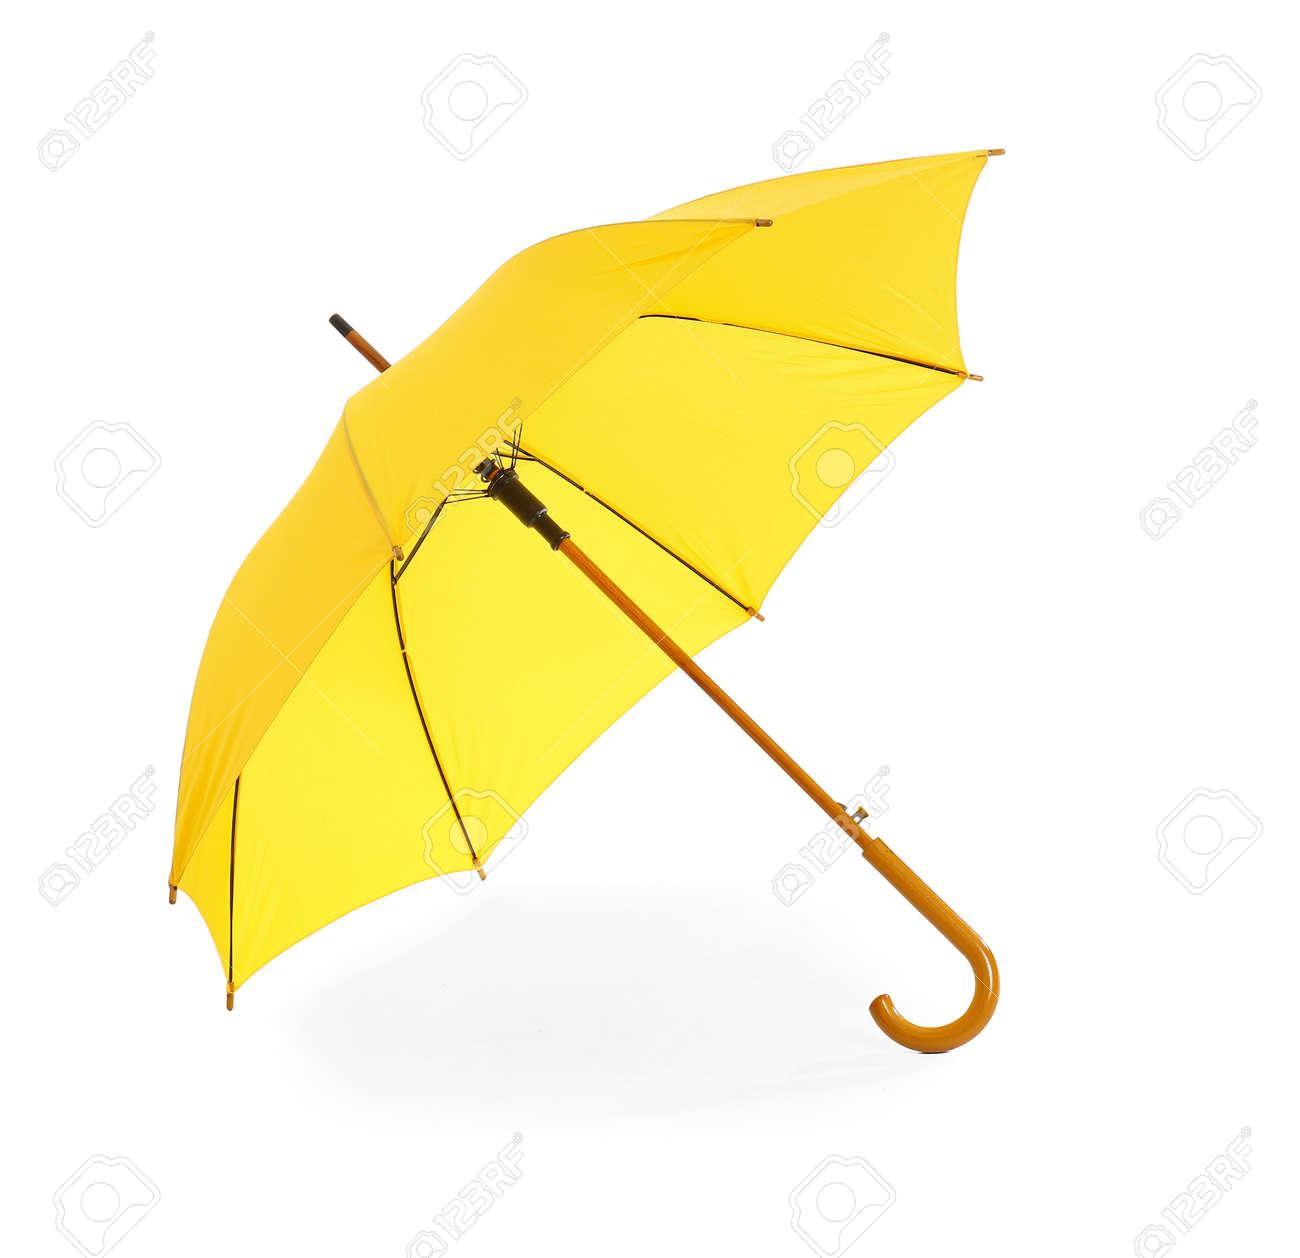 Stylish umbrella on white background - 166666760